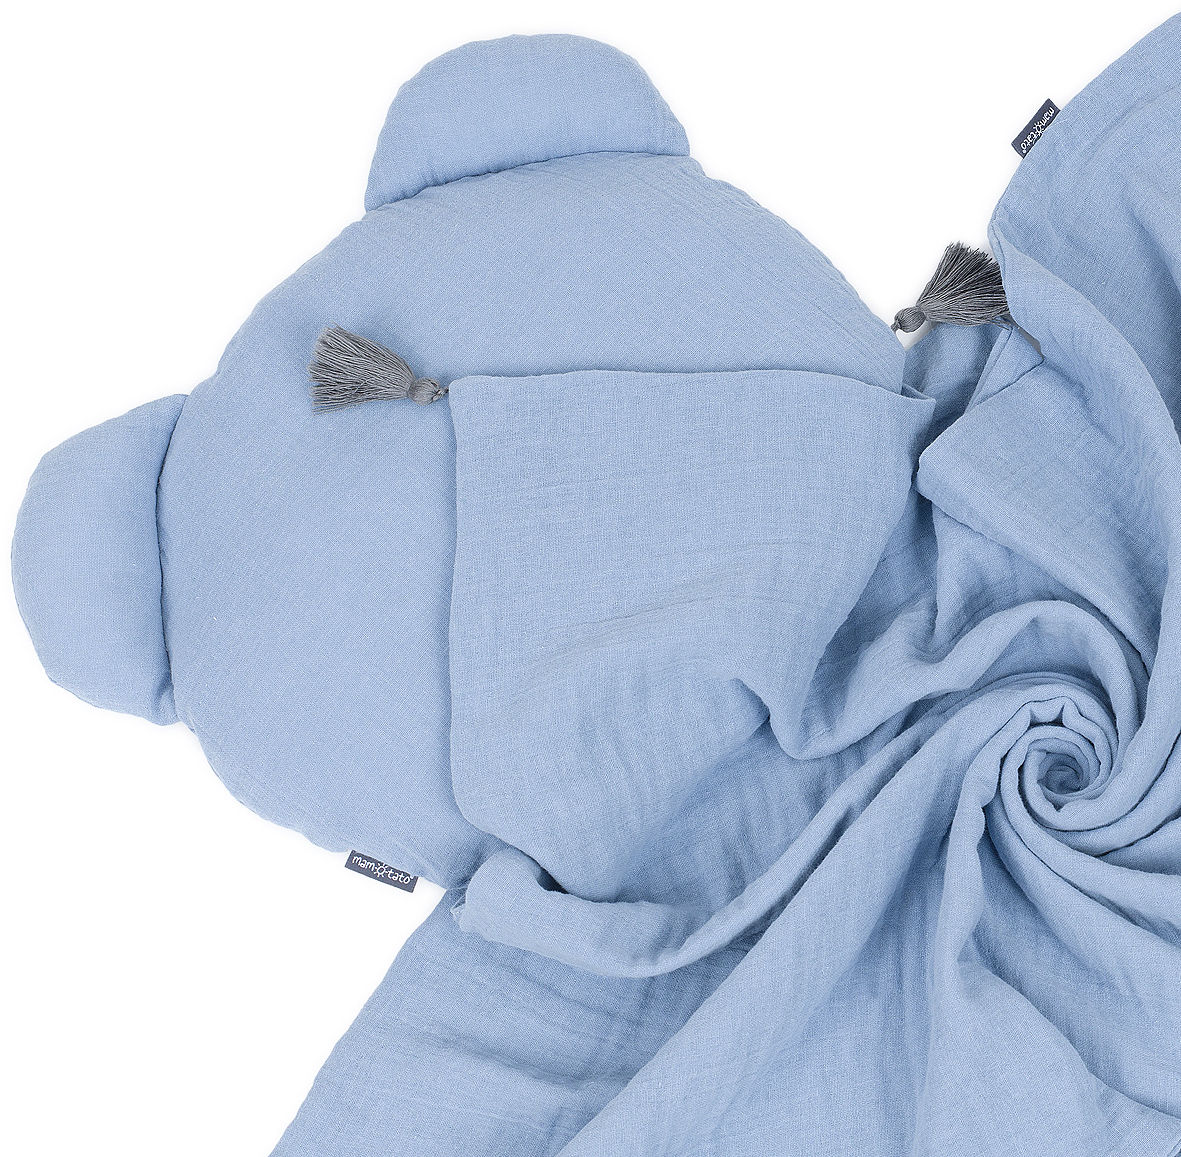 MAMO-TATO Komplet kocyk muślinowy + poduszka MIŚ Double Gauze dla dzieci i niemowląt z chwostami - Jeans